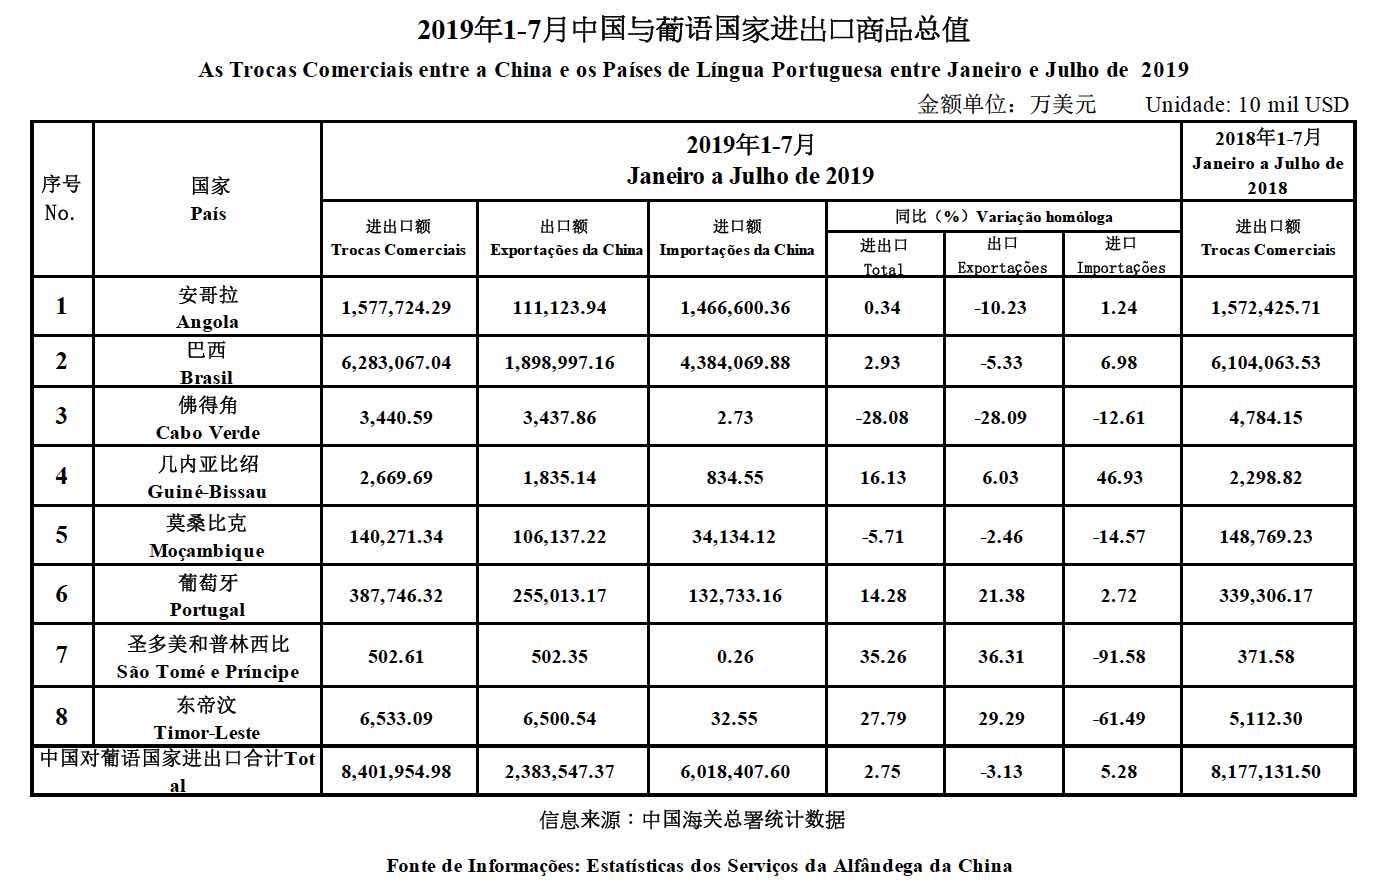 Trade data Jan_Jul